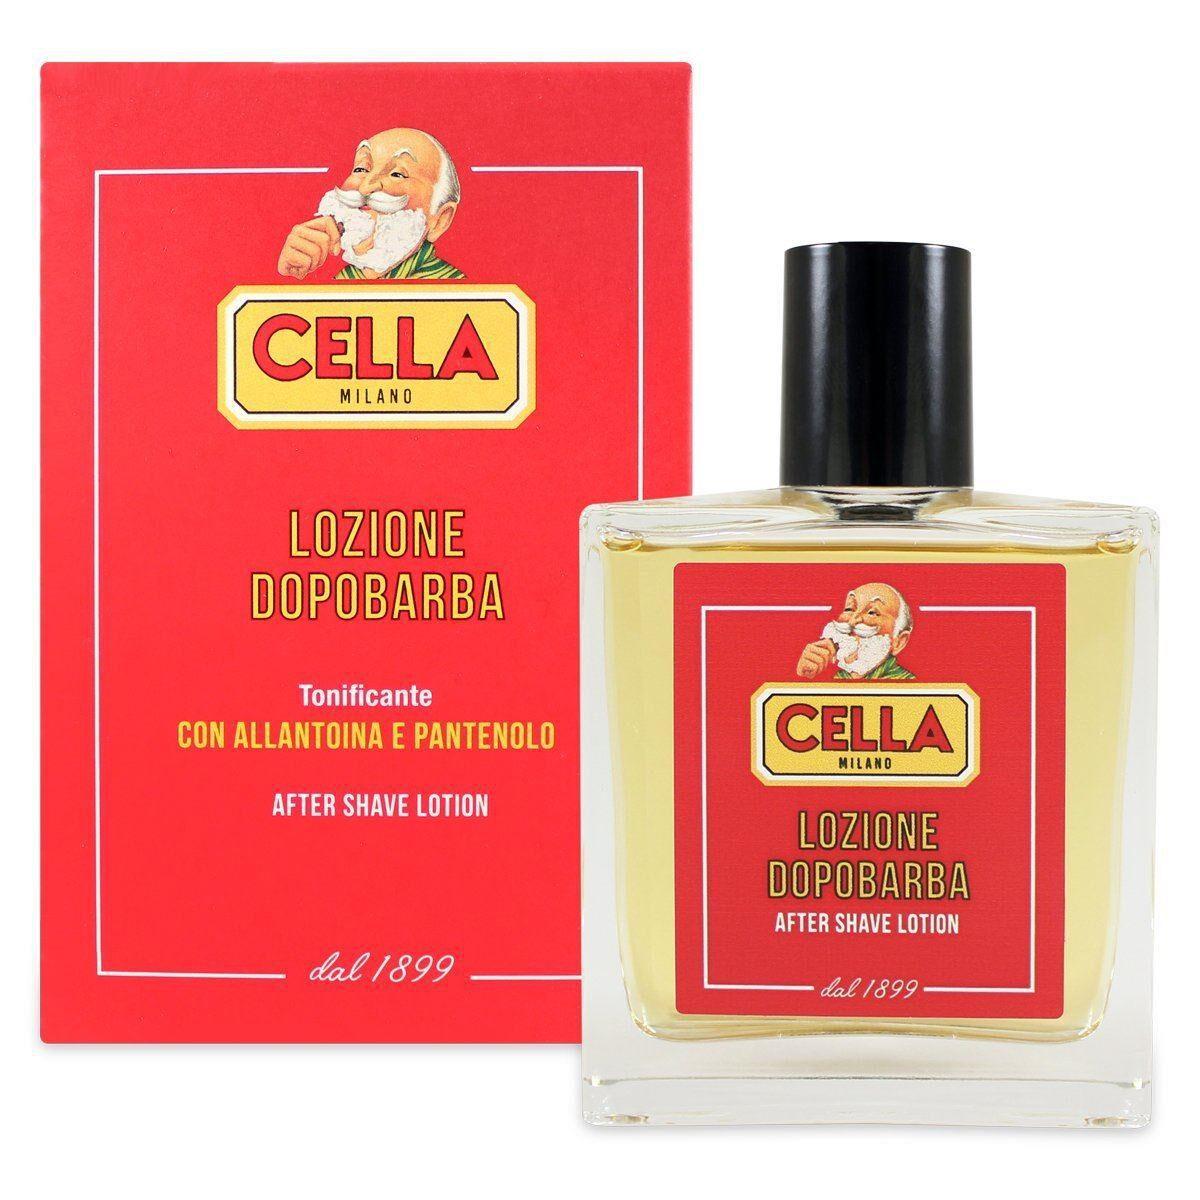 Cella aftershave